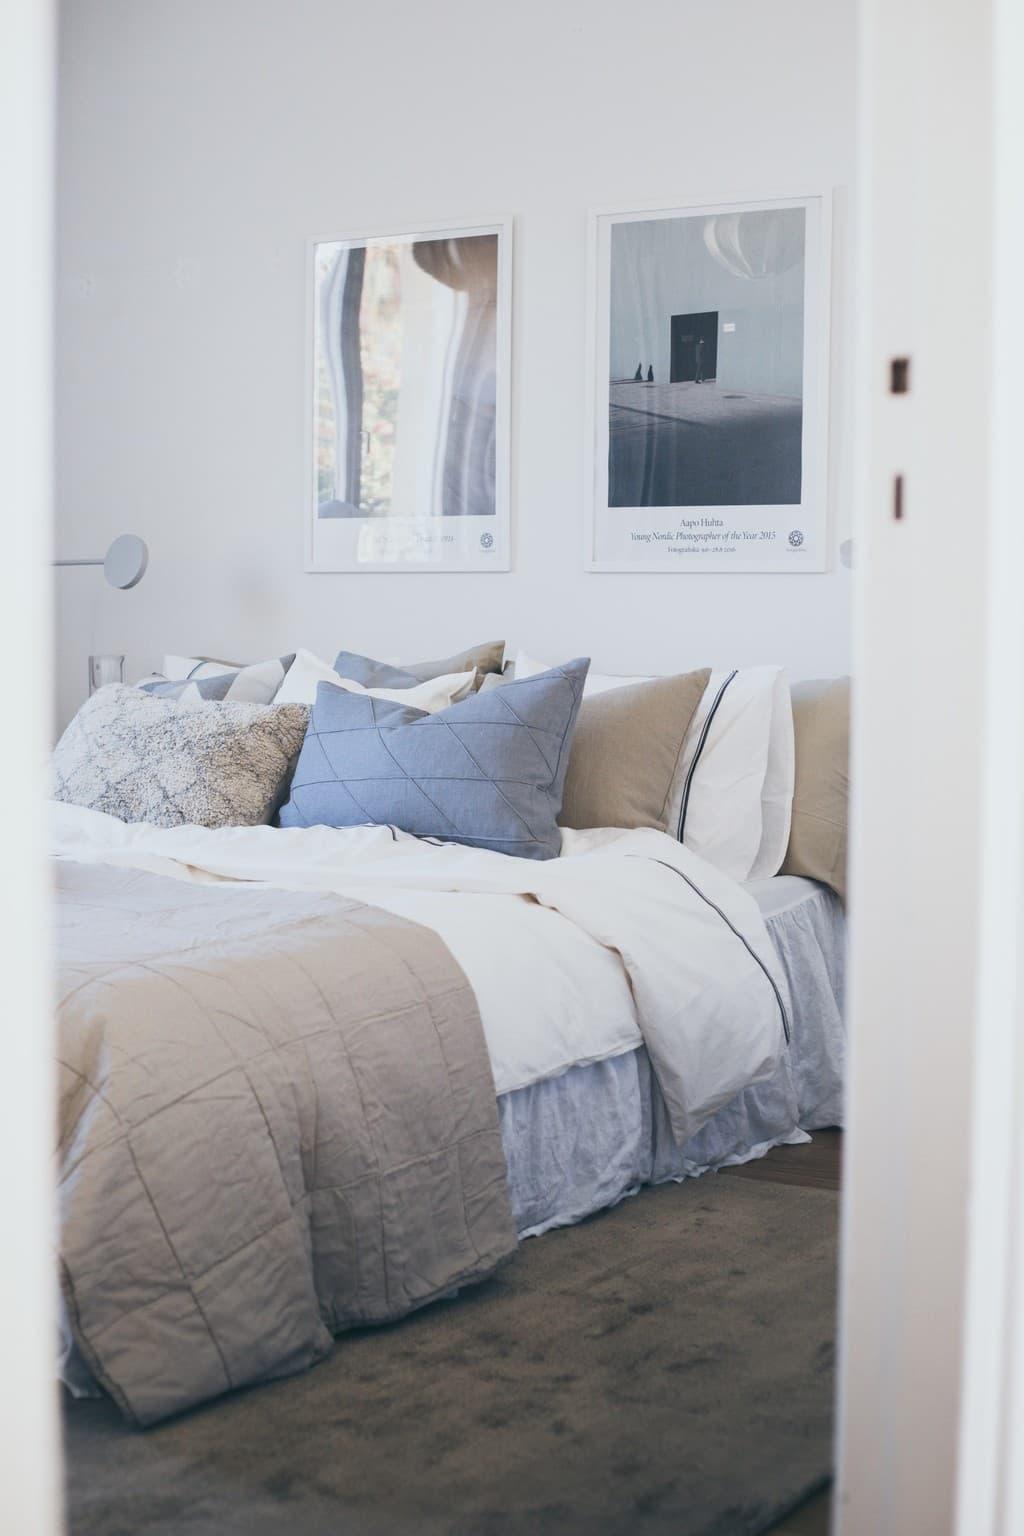 dörren in till sovrummet med bäddad säng innanför